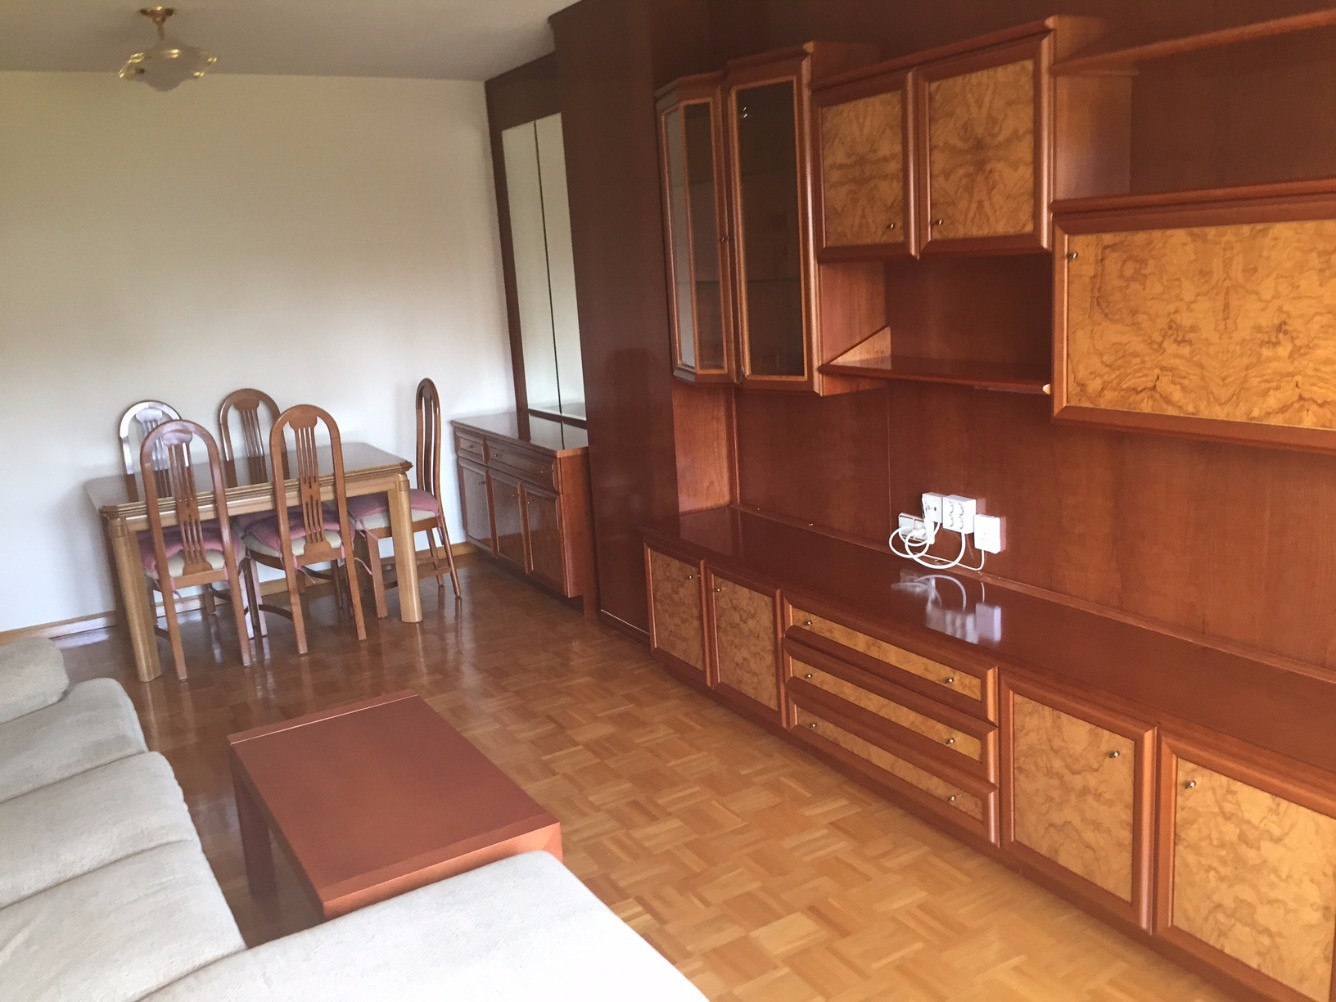 Muebles valenti obtenga ideas dise o de muebles para su hogar aqu - Muebles segunda mano vigo ...